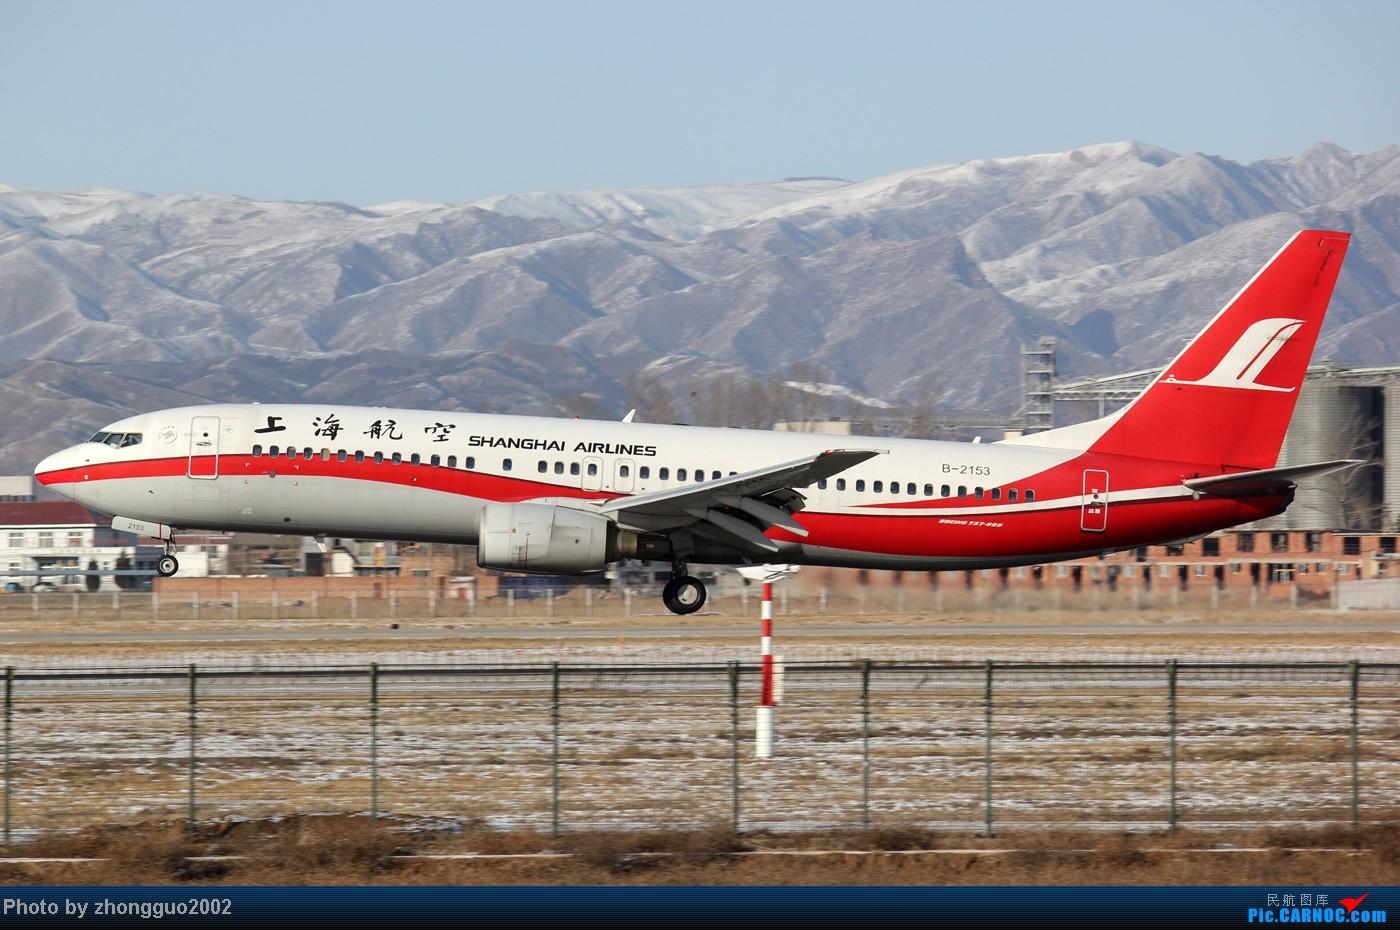 Re:[原创]灰鼻子的春哥第一次拍到,还有其他灰机。 BOEING 737-800 B-2153 中国呼和浩特白塔国际机场